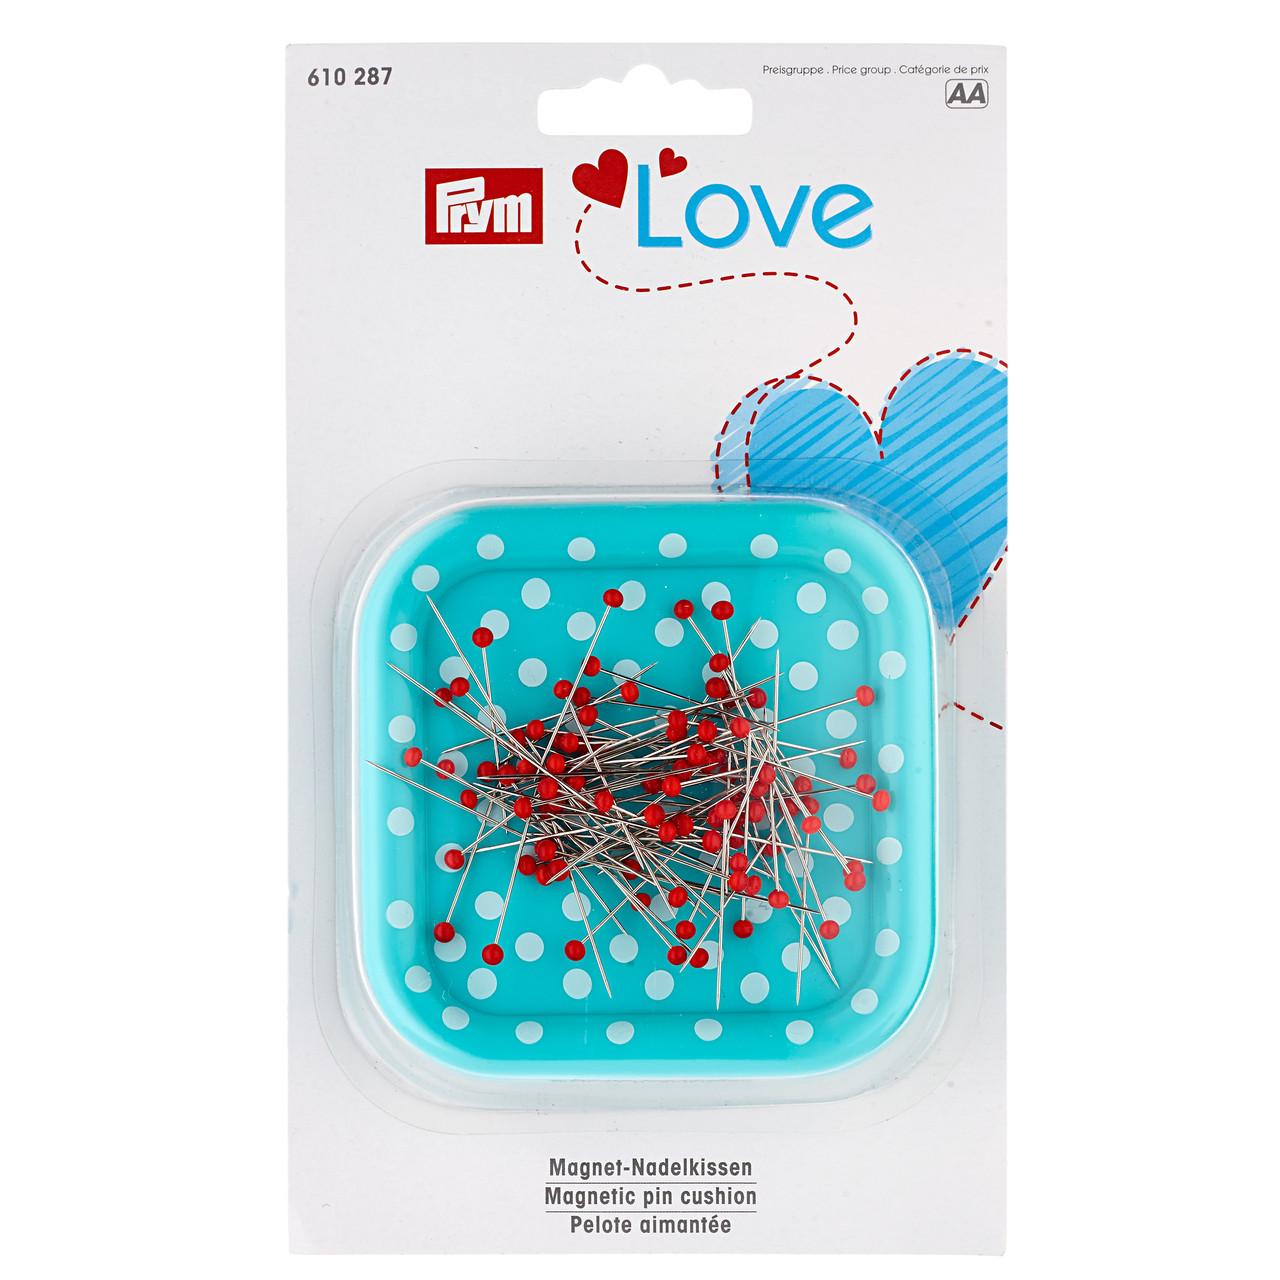 Магнитная игольница «Prym Love» 610287 с булавками со стеклянными головками